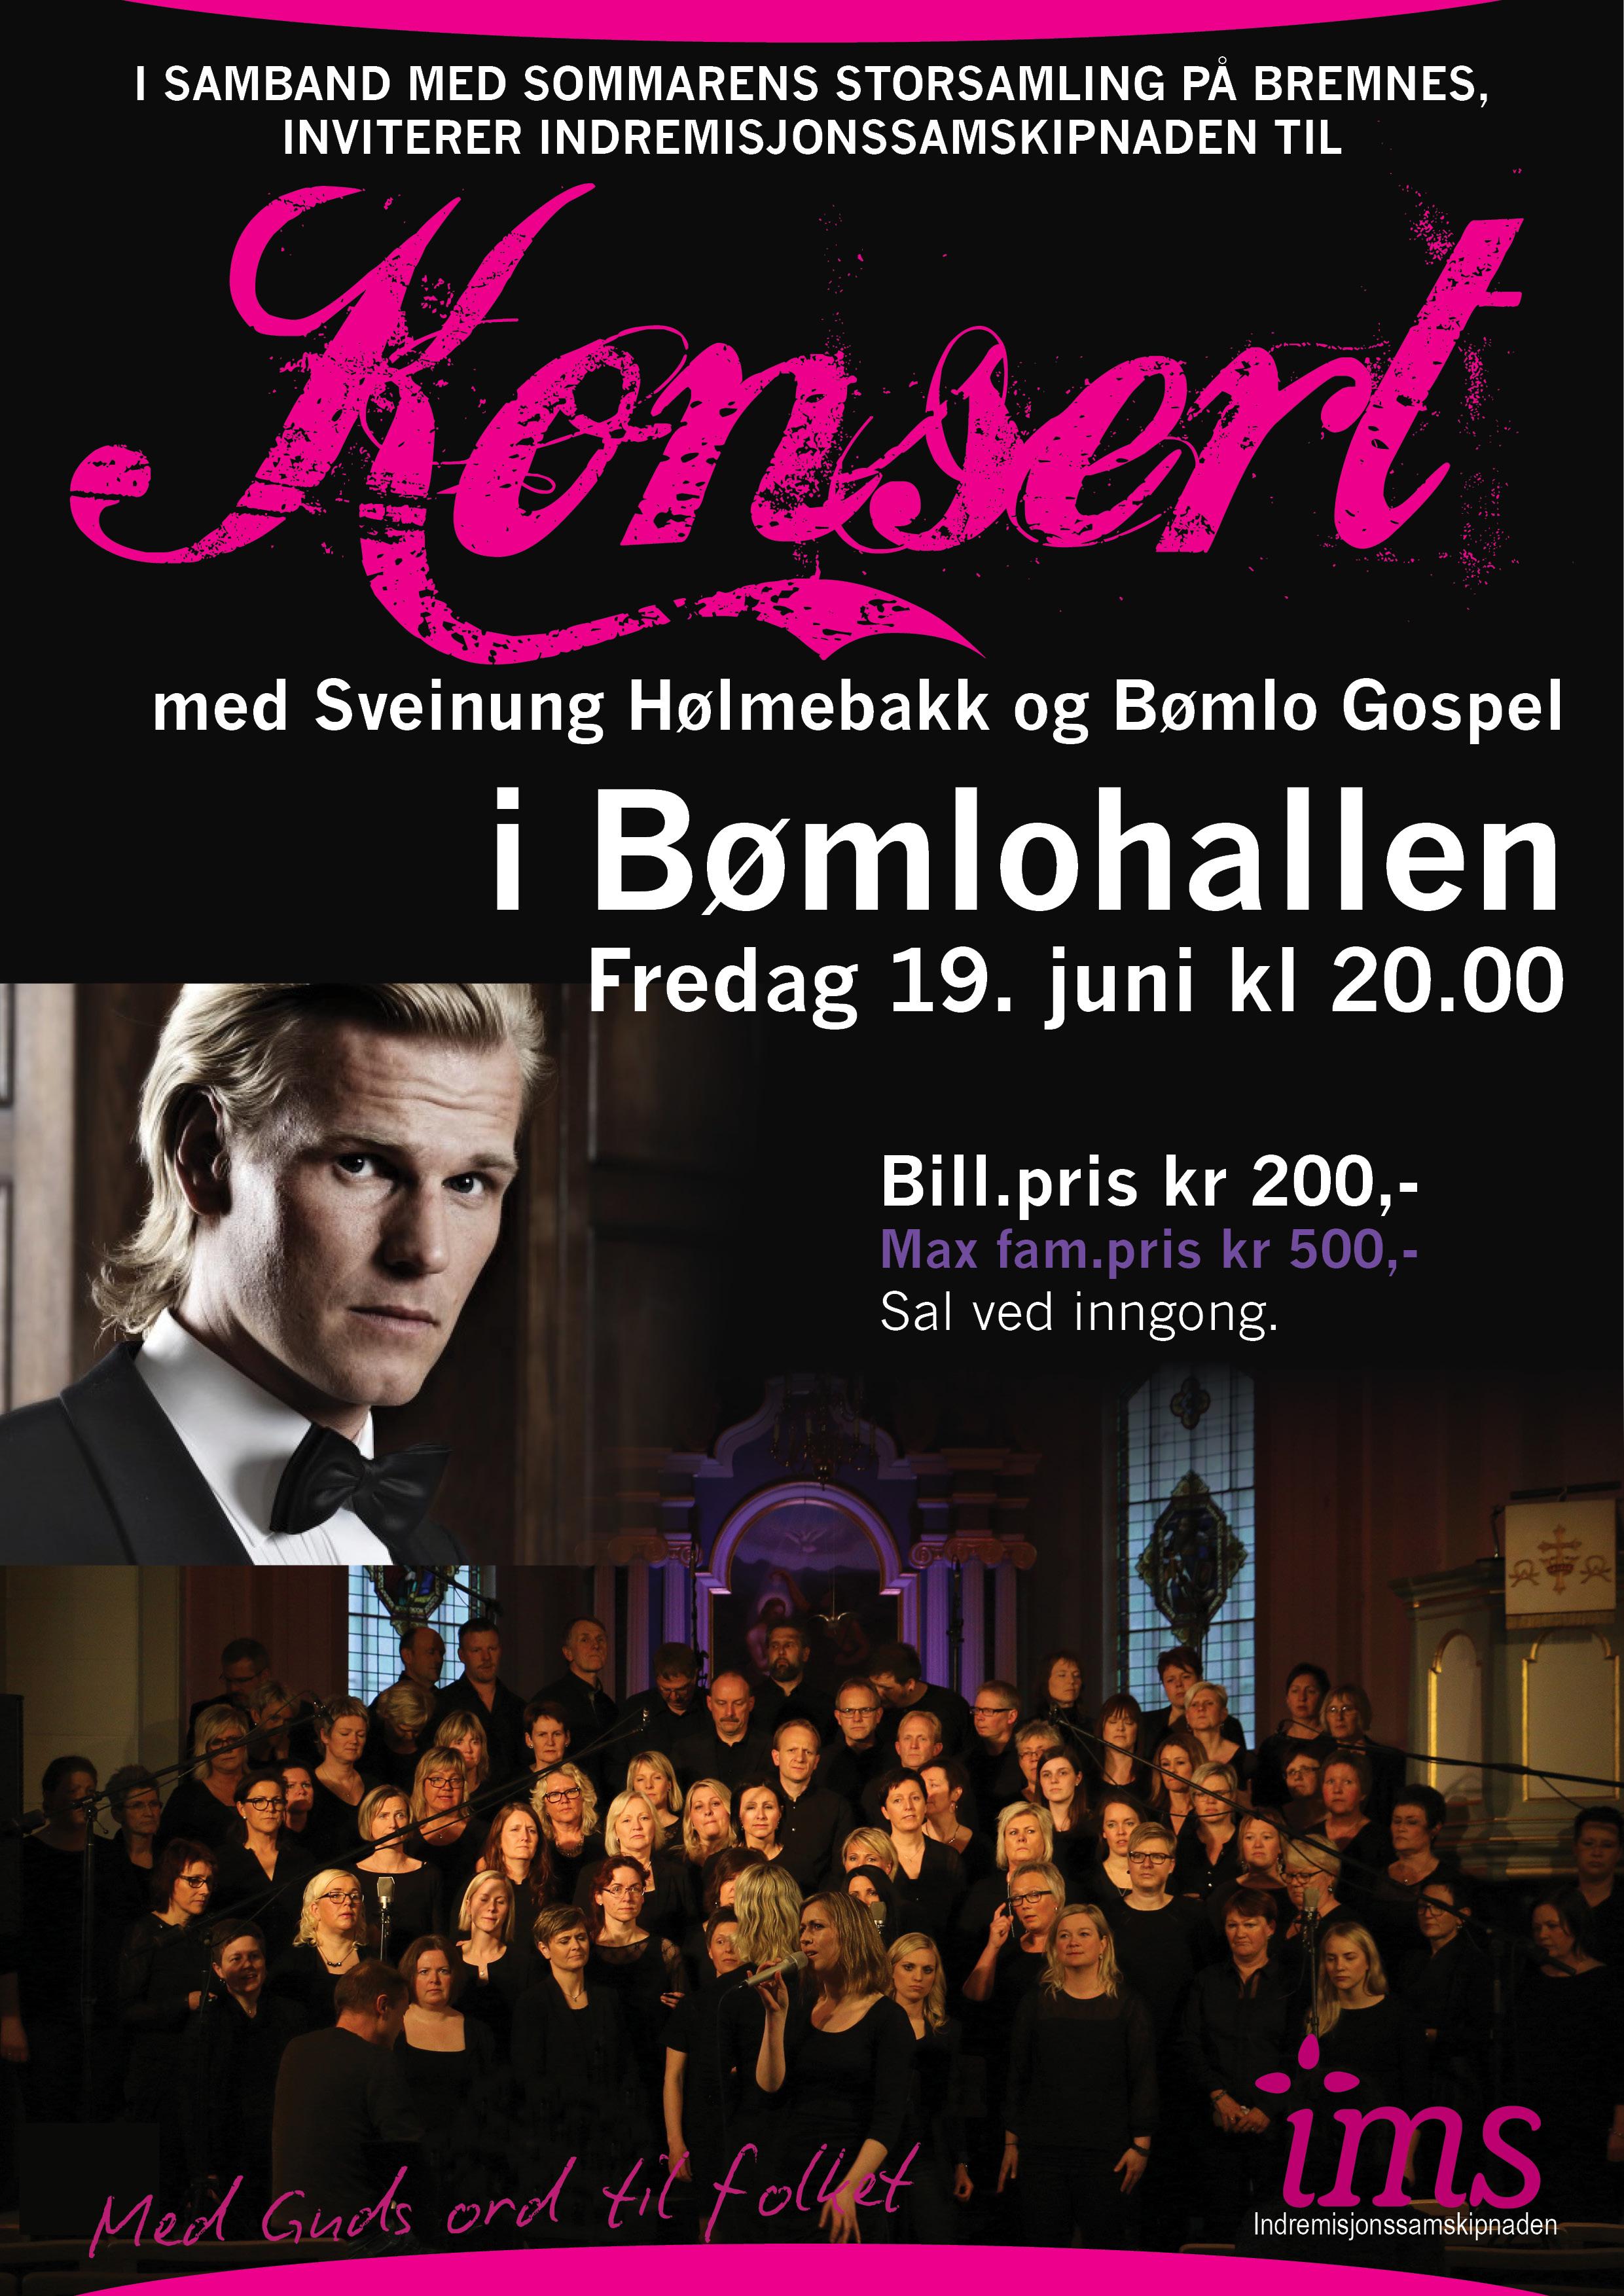 Konsert med Sveinung Hølmebakk og Bømlo Gospel